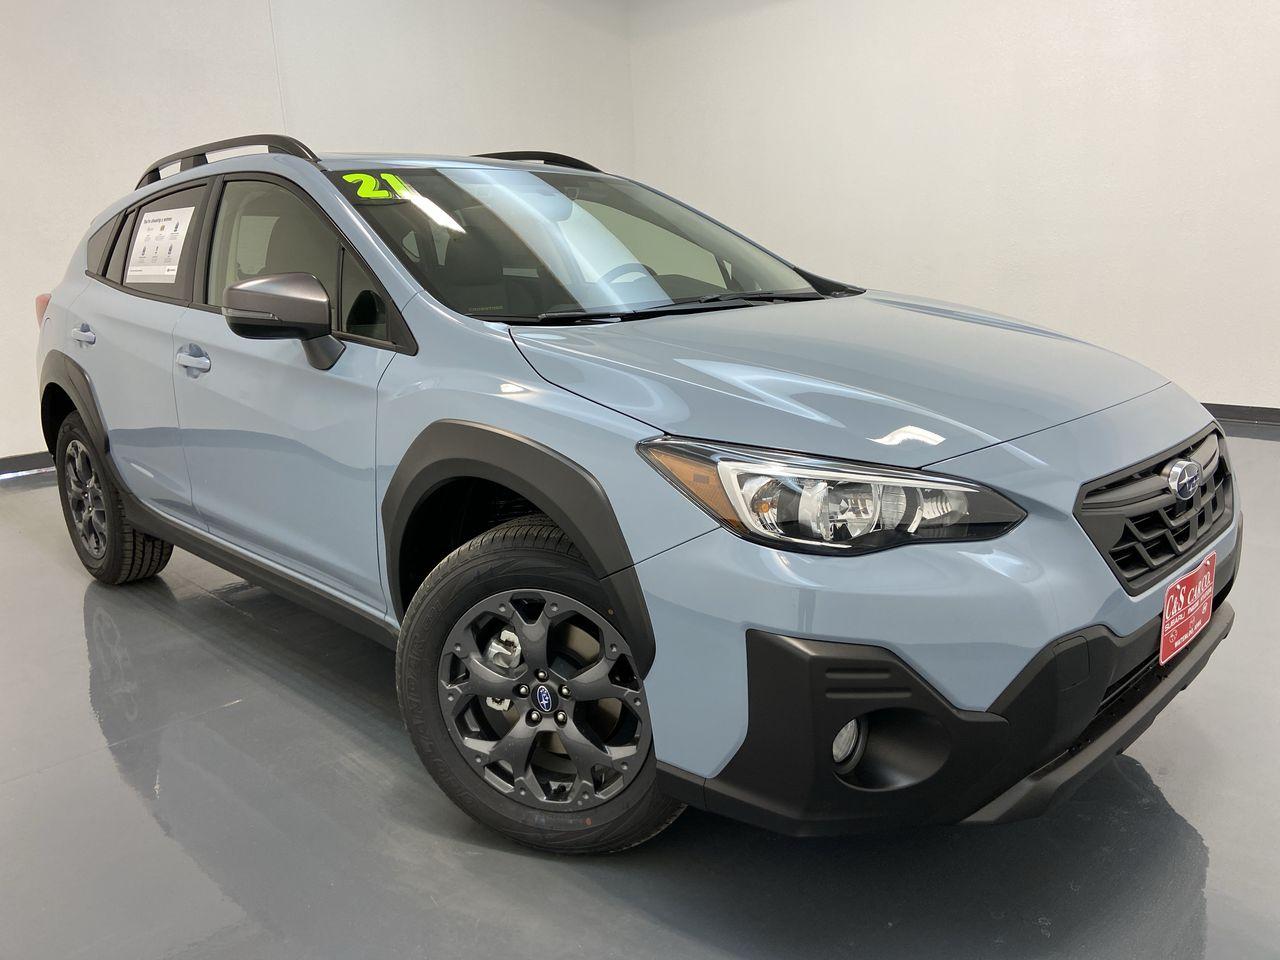 2021 Subaru Crosstrek  - SB9183  - C & S Car Company